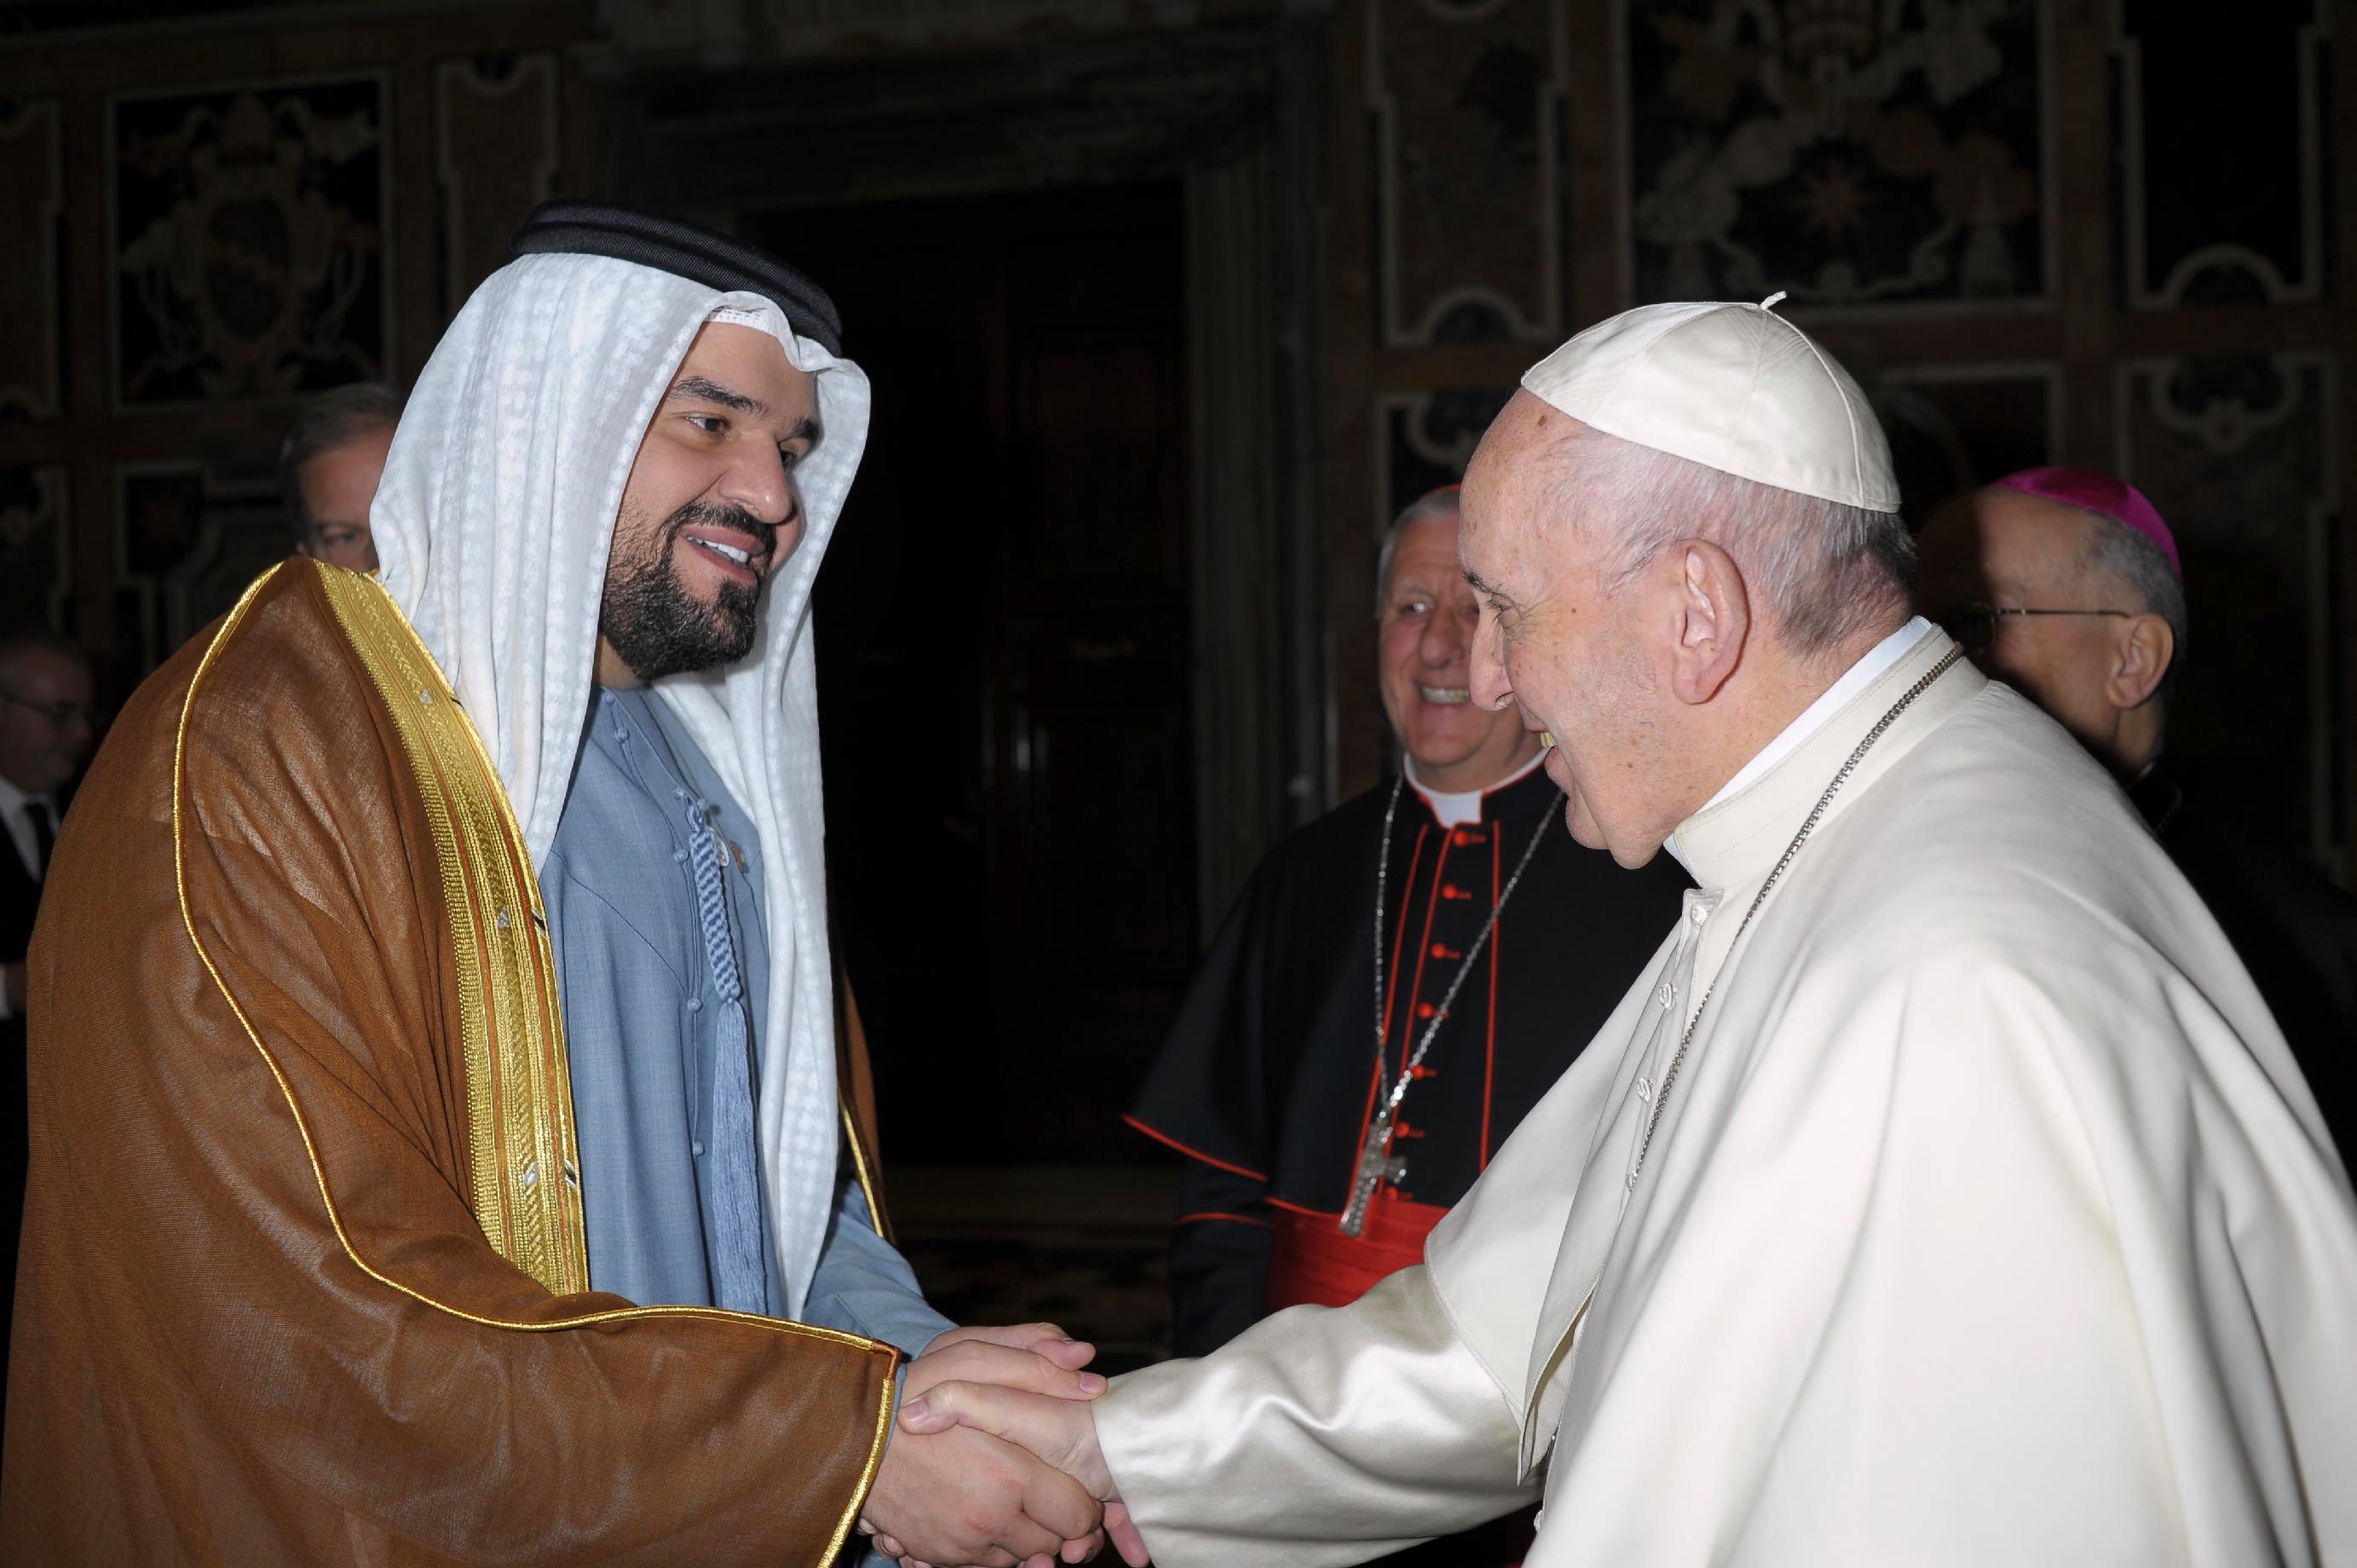 الجسمي يزور البابا فرانسيس ويشارك في حفل الفاتيكان كأول فنان عربي مسلم يتغنى بـ التسامح